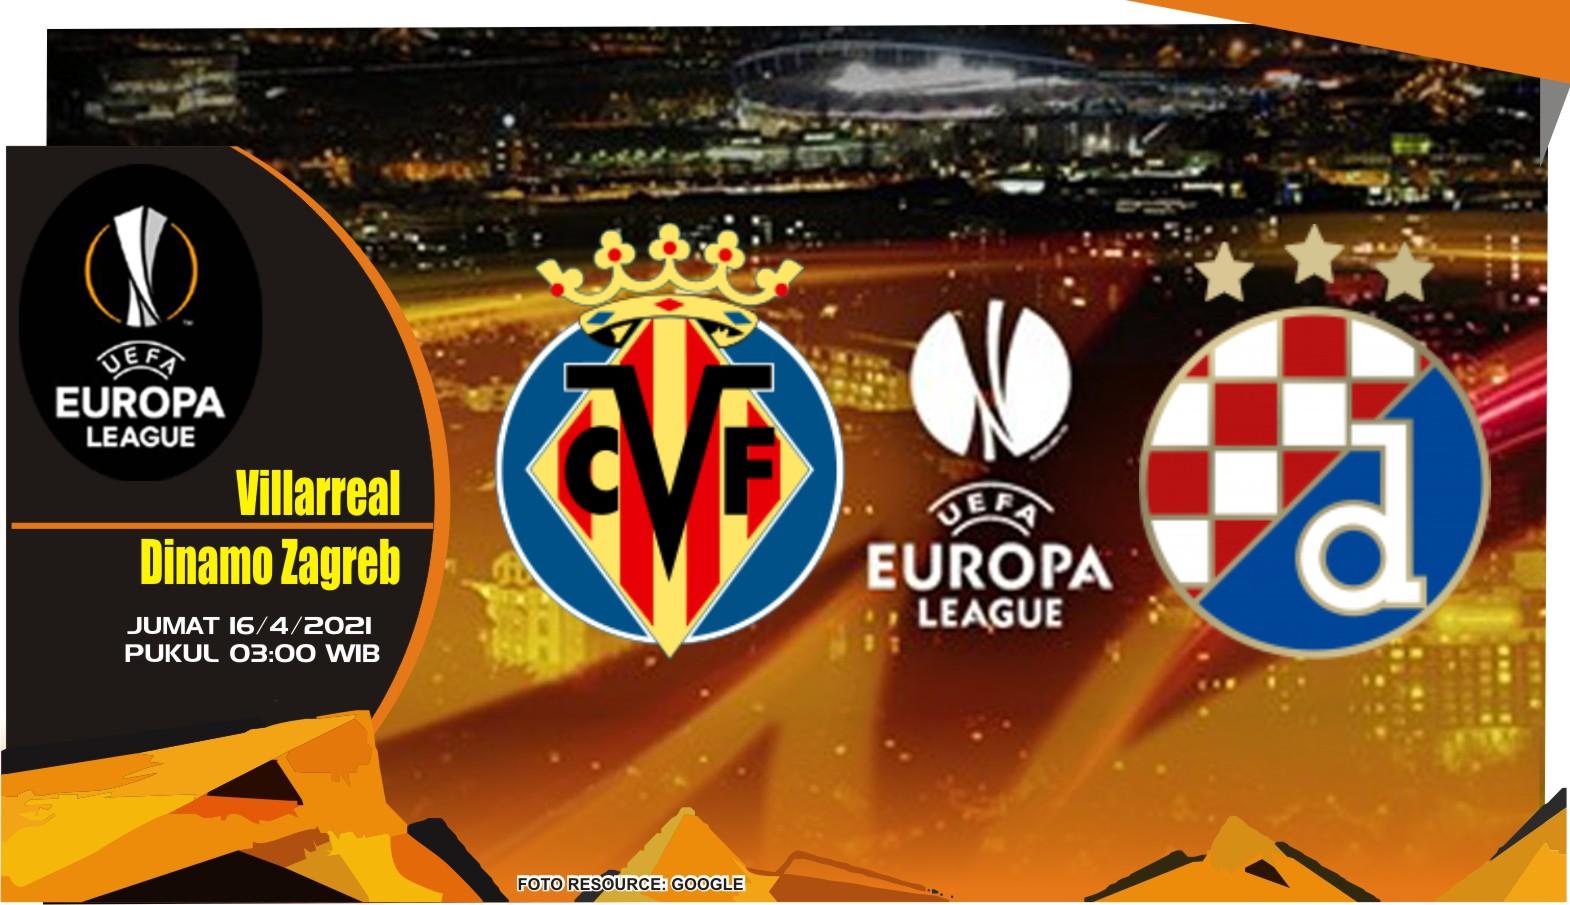 Prediksi Pertandingan Villarreal vs Dinamo Zagreb - 16 April 2021